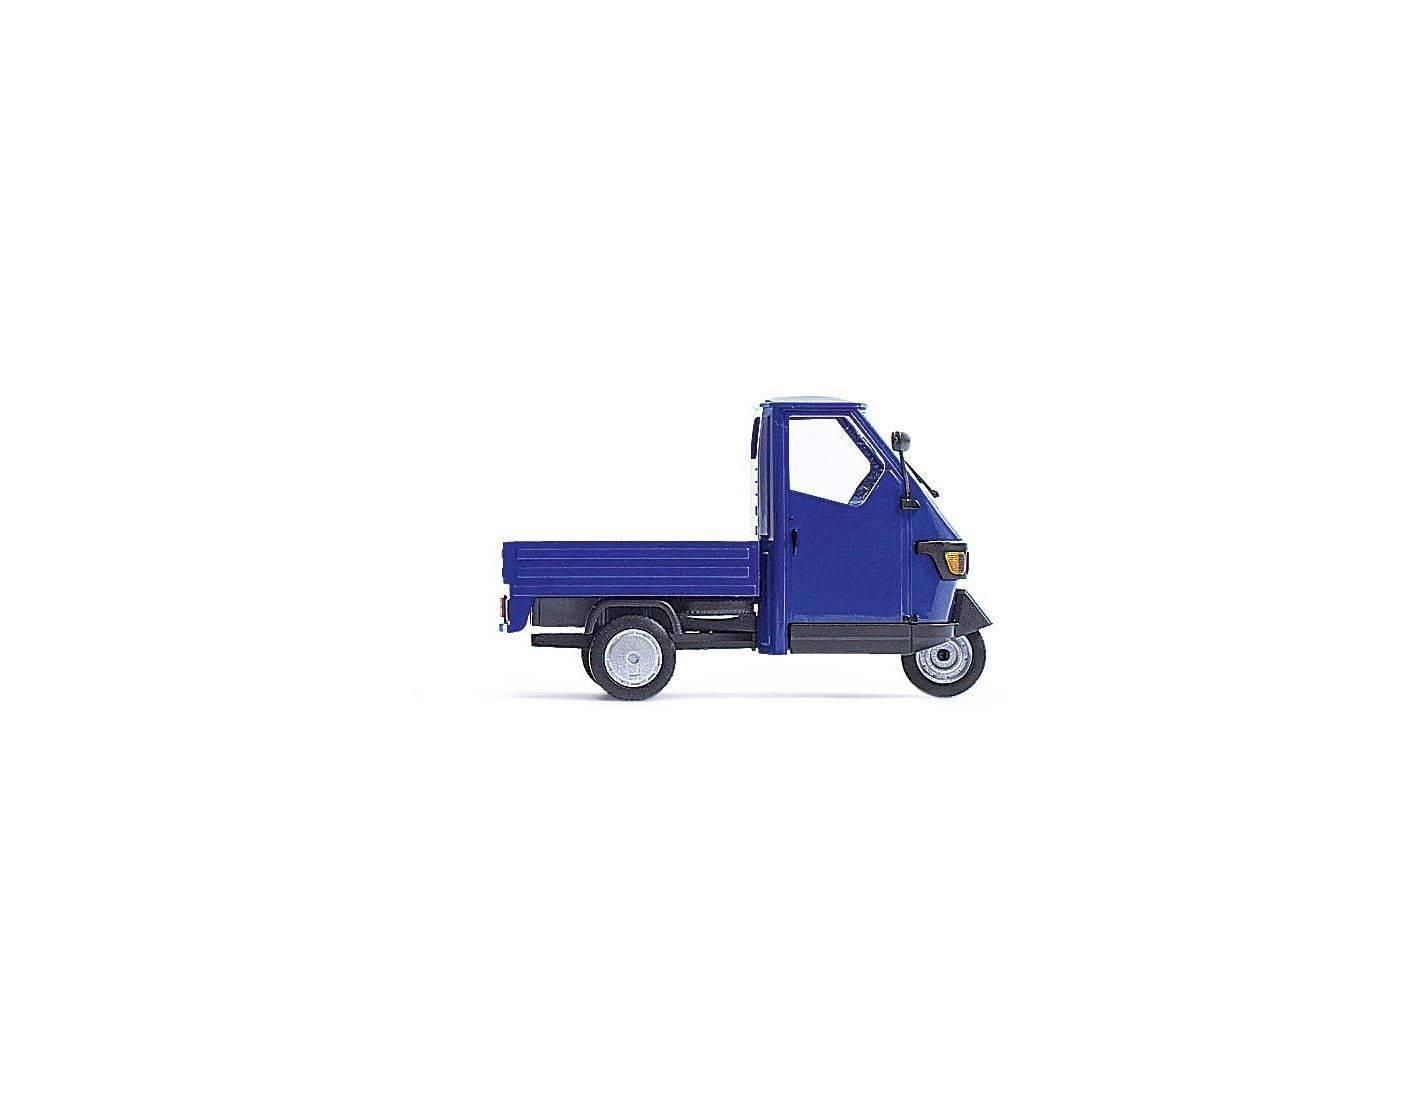 Busch 60002 ape piaggio 50 blue modellino for Modellino ape piaggio